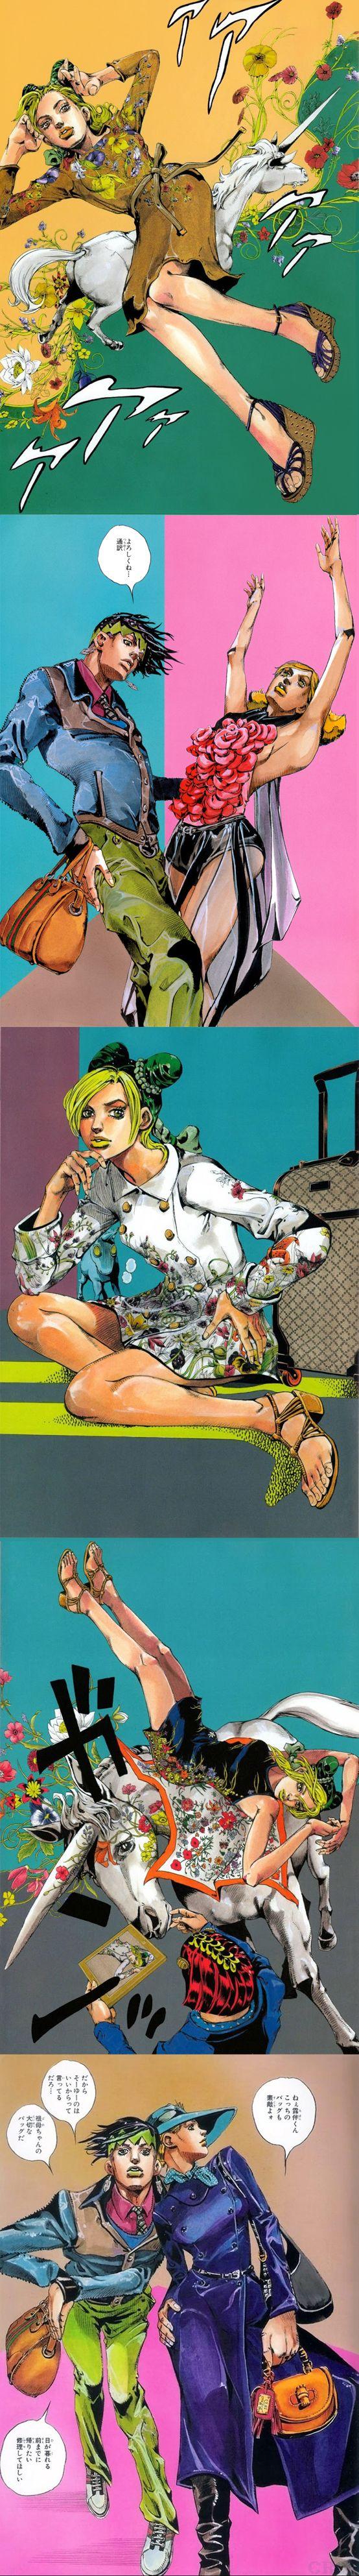 """""""Jolyne, Fly High"""" by Hirohiko Araki for Gucci, 2013."""